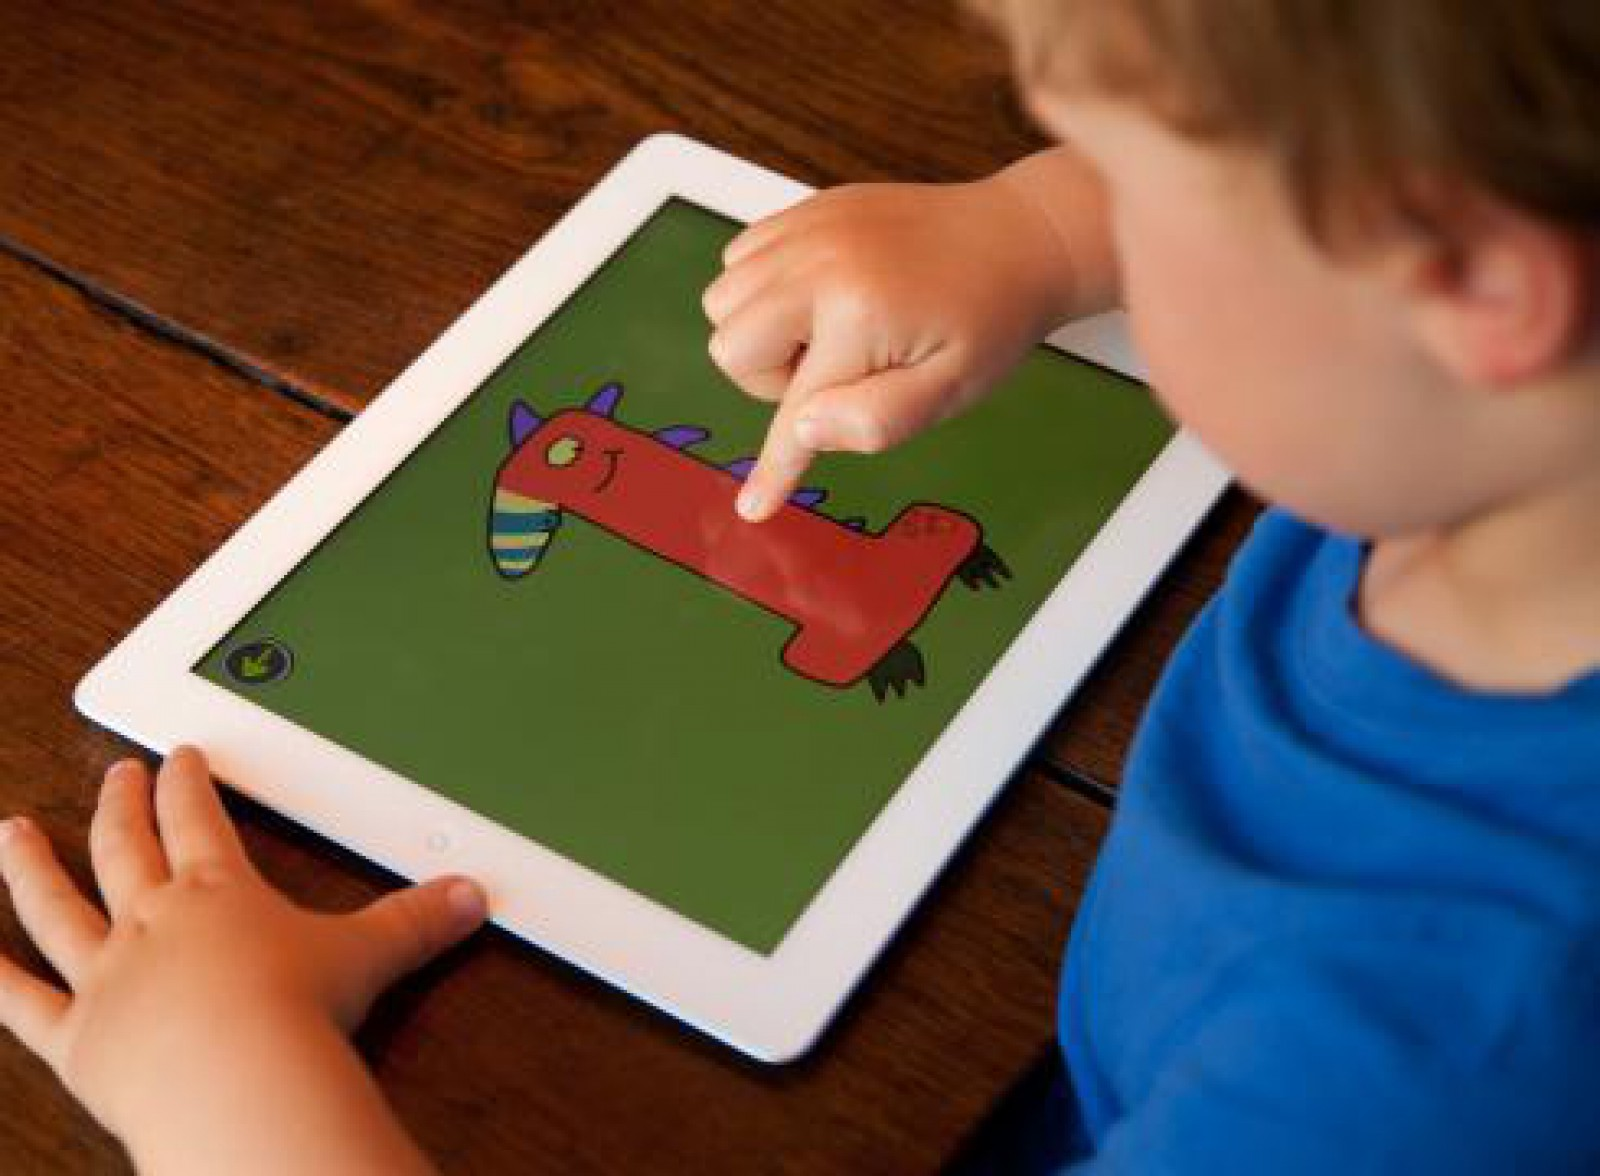 3.300 de aplicaţii din Google Play Store adresate copiilor, investigate pentru colectarea abuzivă de informaţii